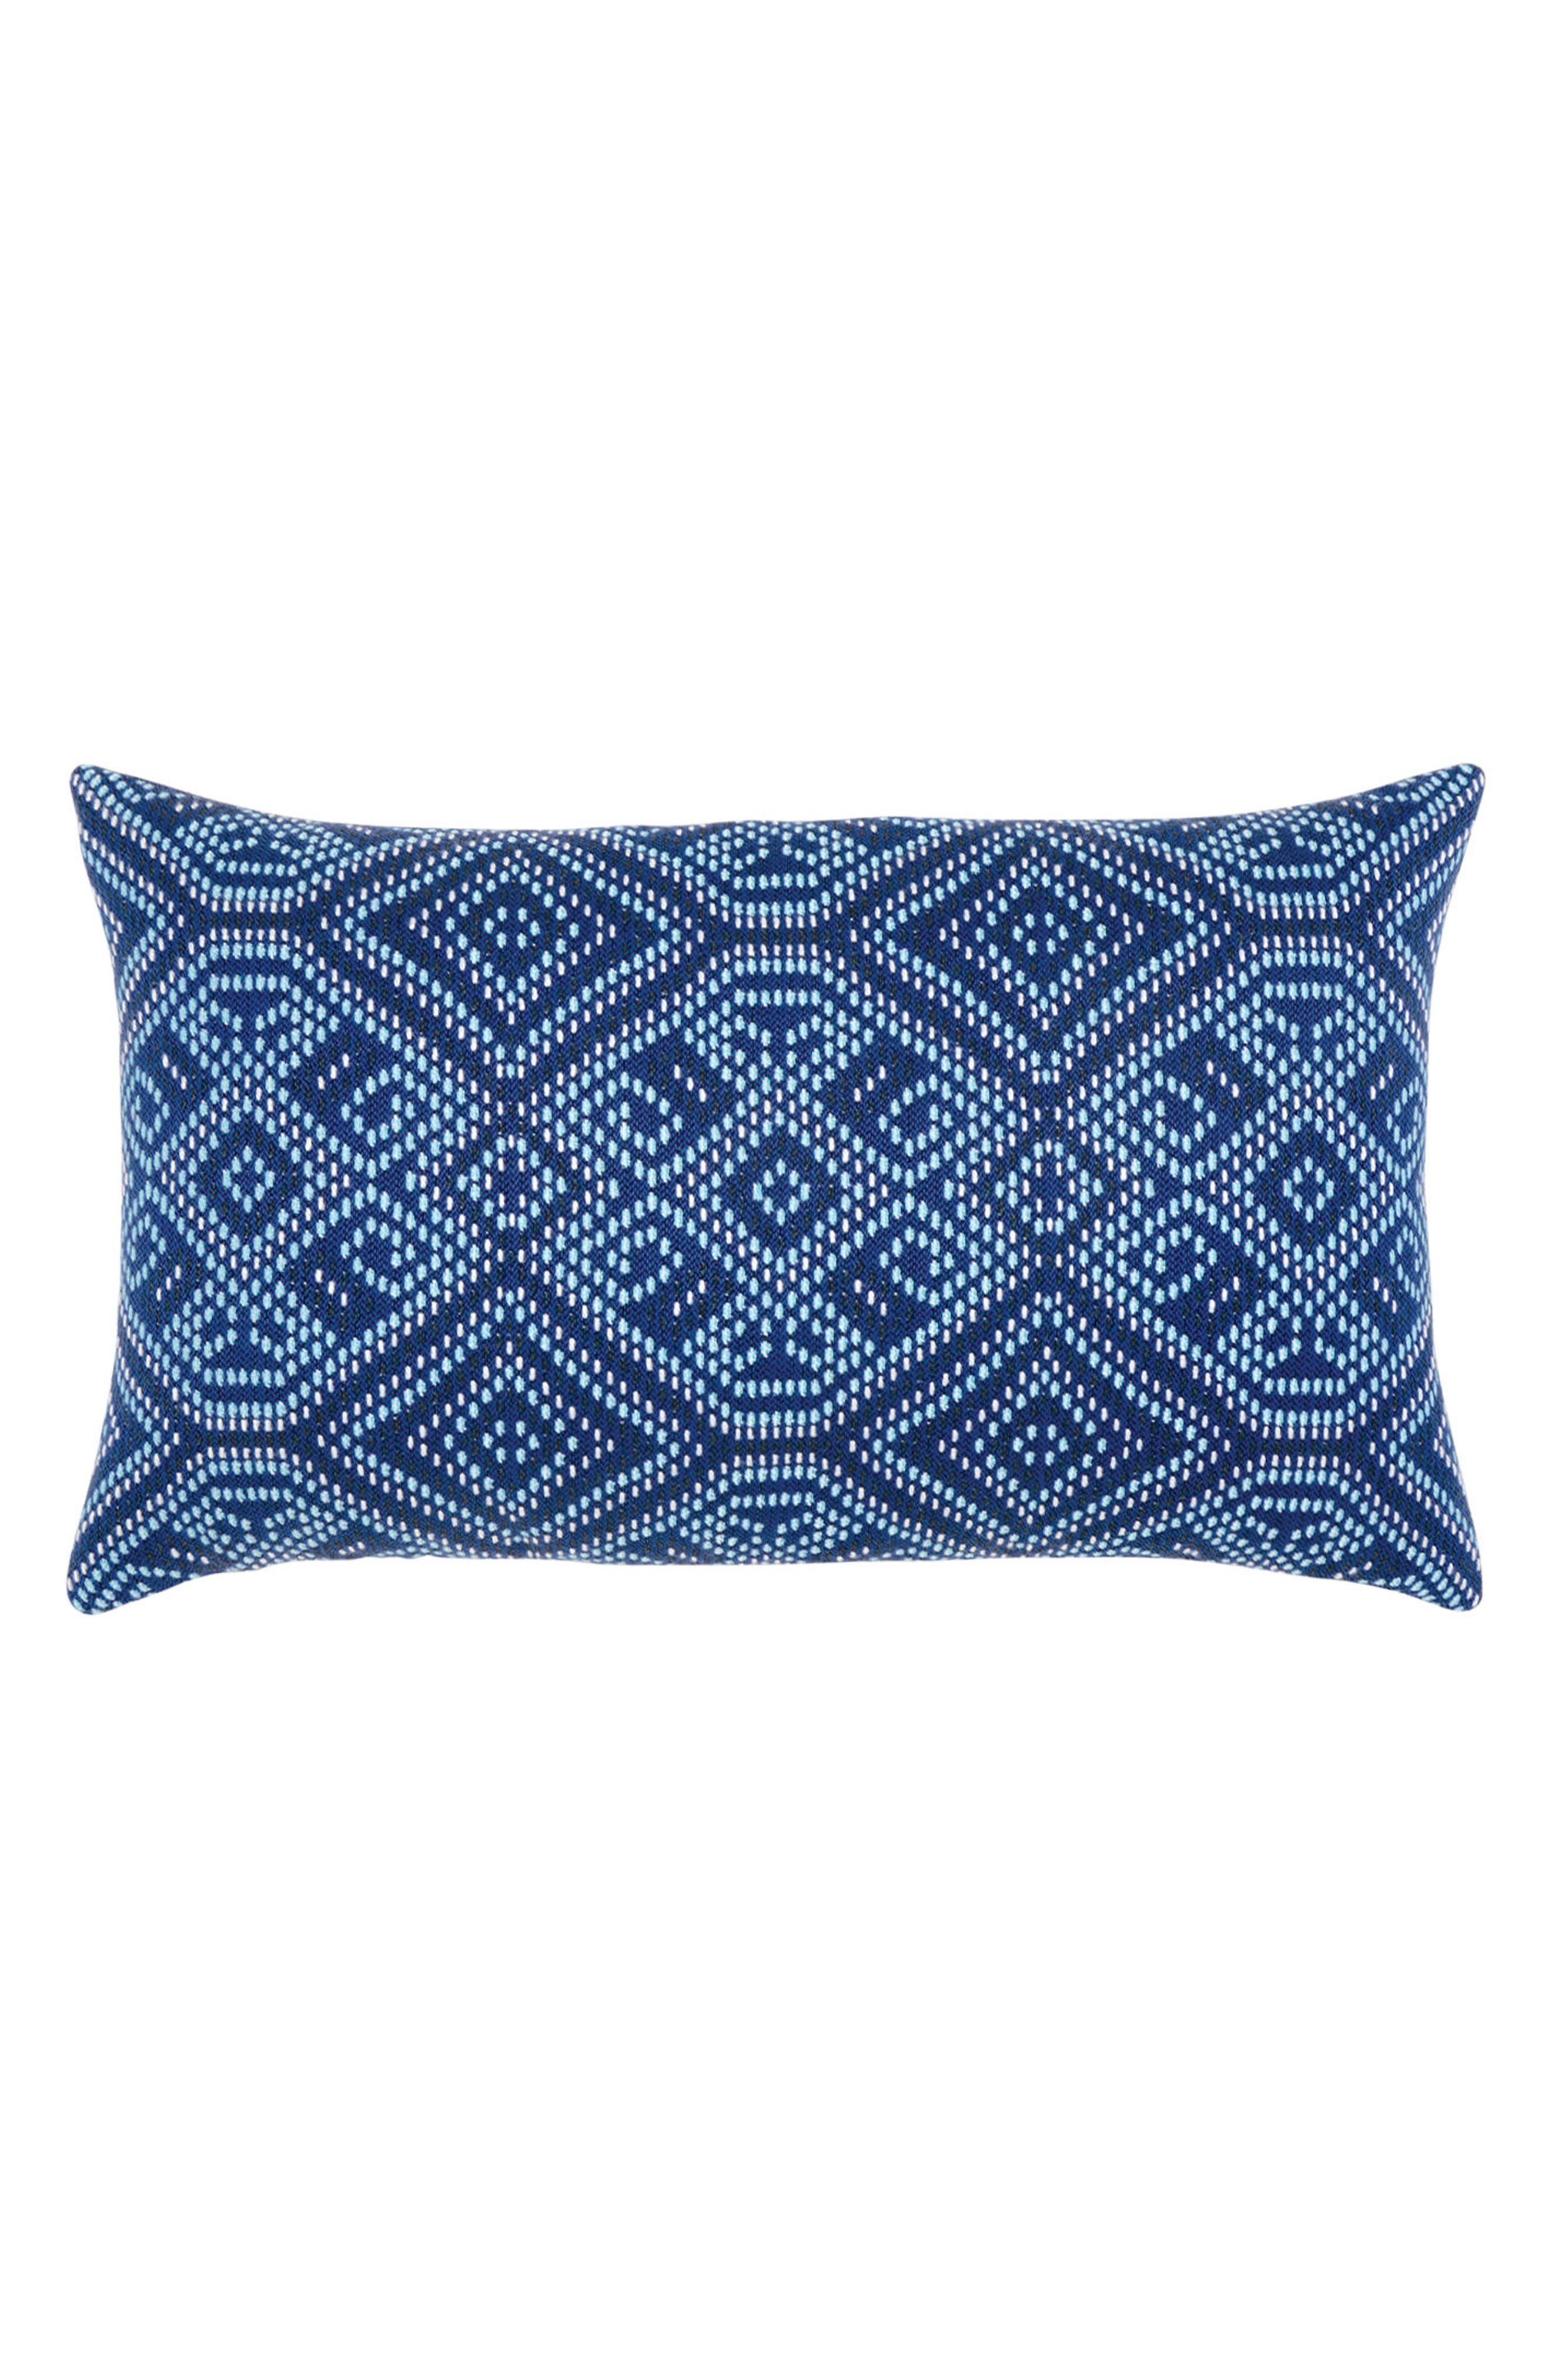 Midnight Tile Lumbar Pillow,                             Main thumbnail 1, color,                             Blue